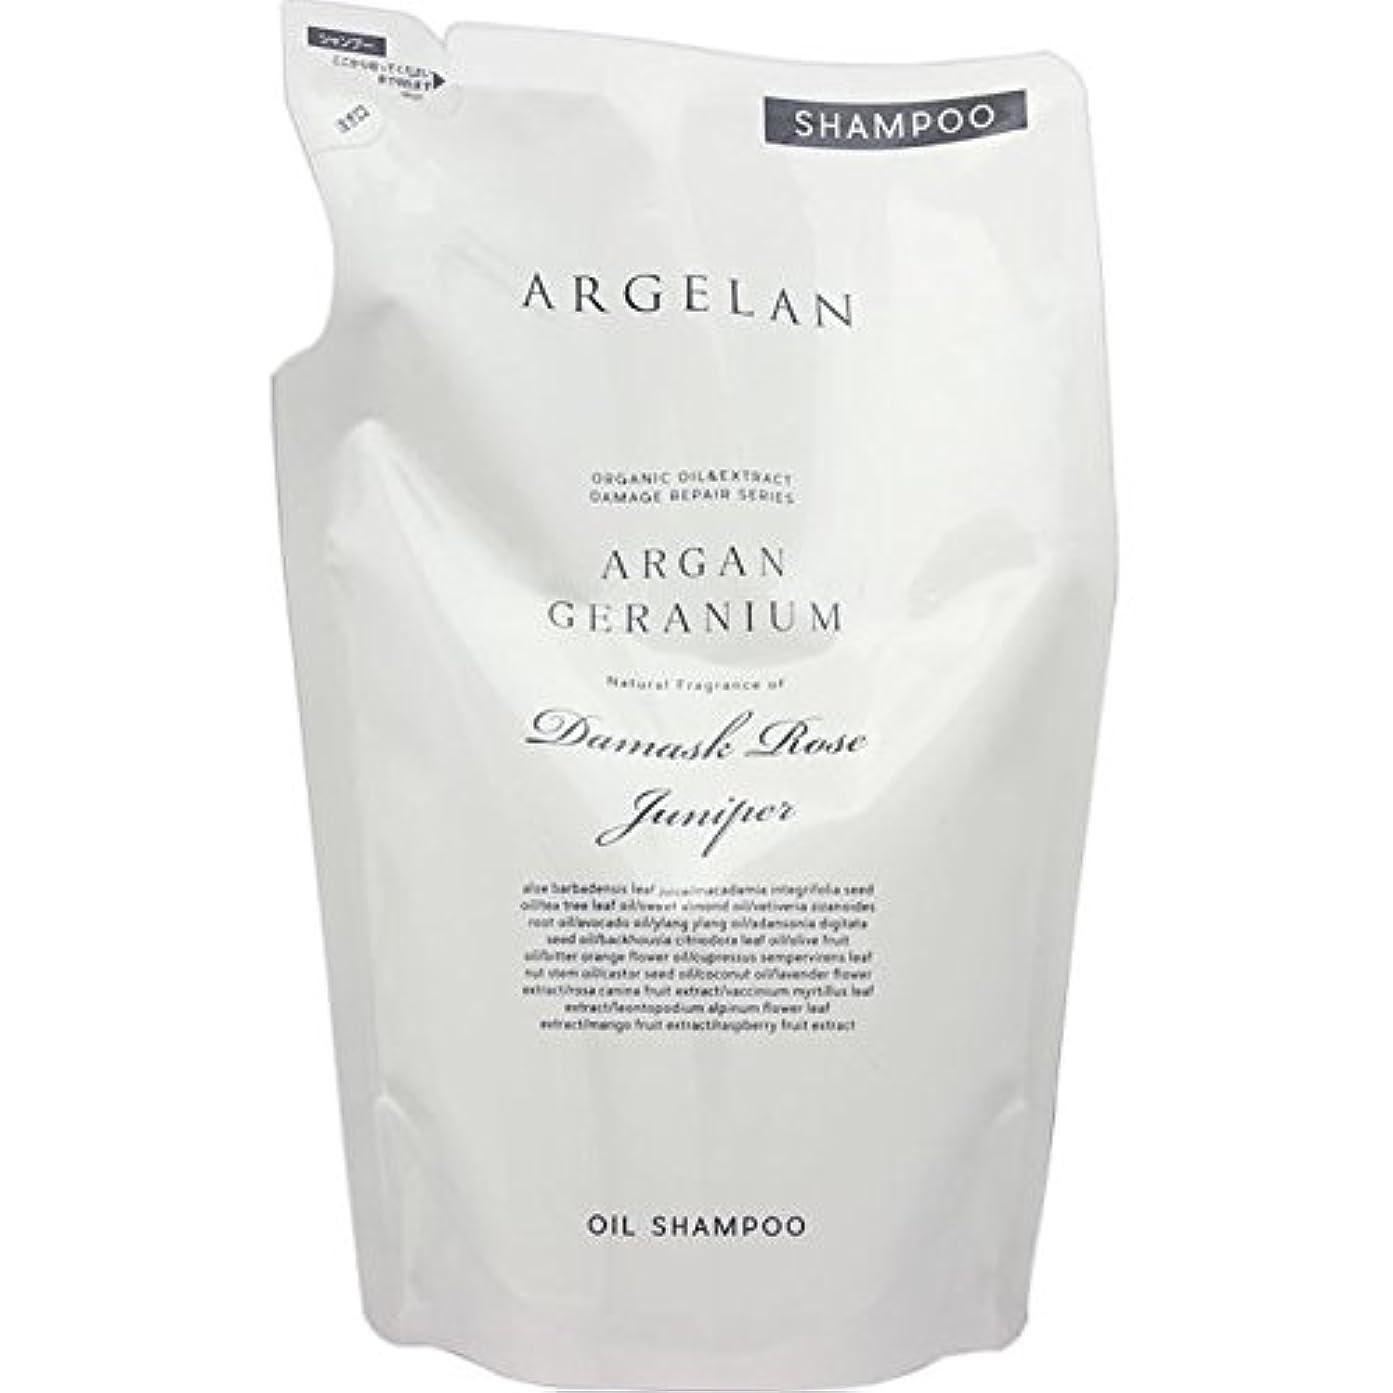 相談する芽うっかりアルジェラン オーガニック 手搾りアルガン オイル シャンプー 詰替え用 400ml詰替